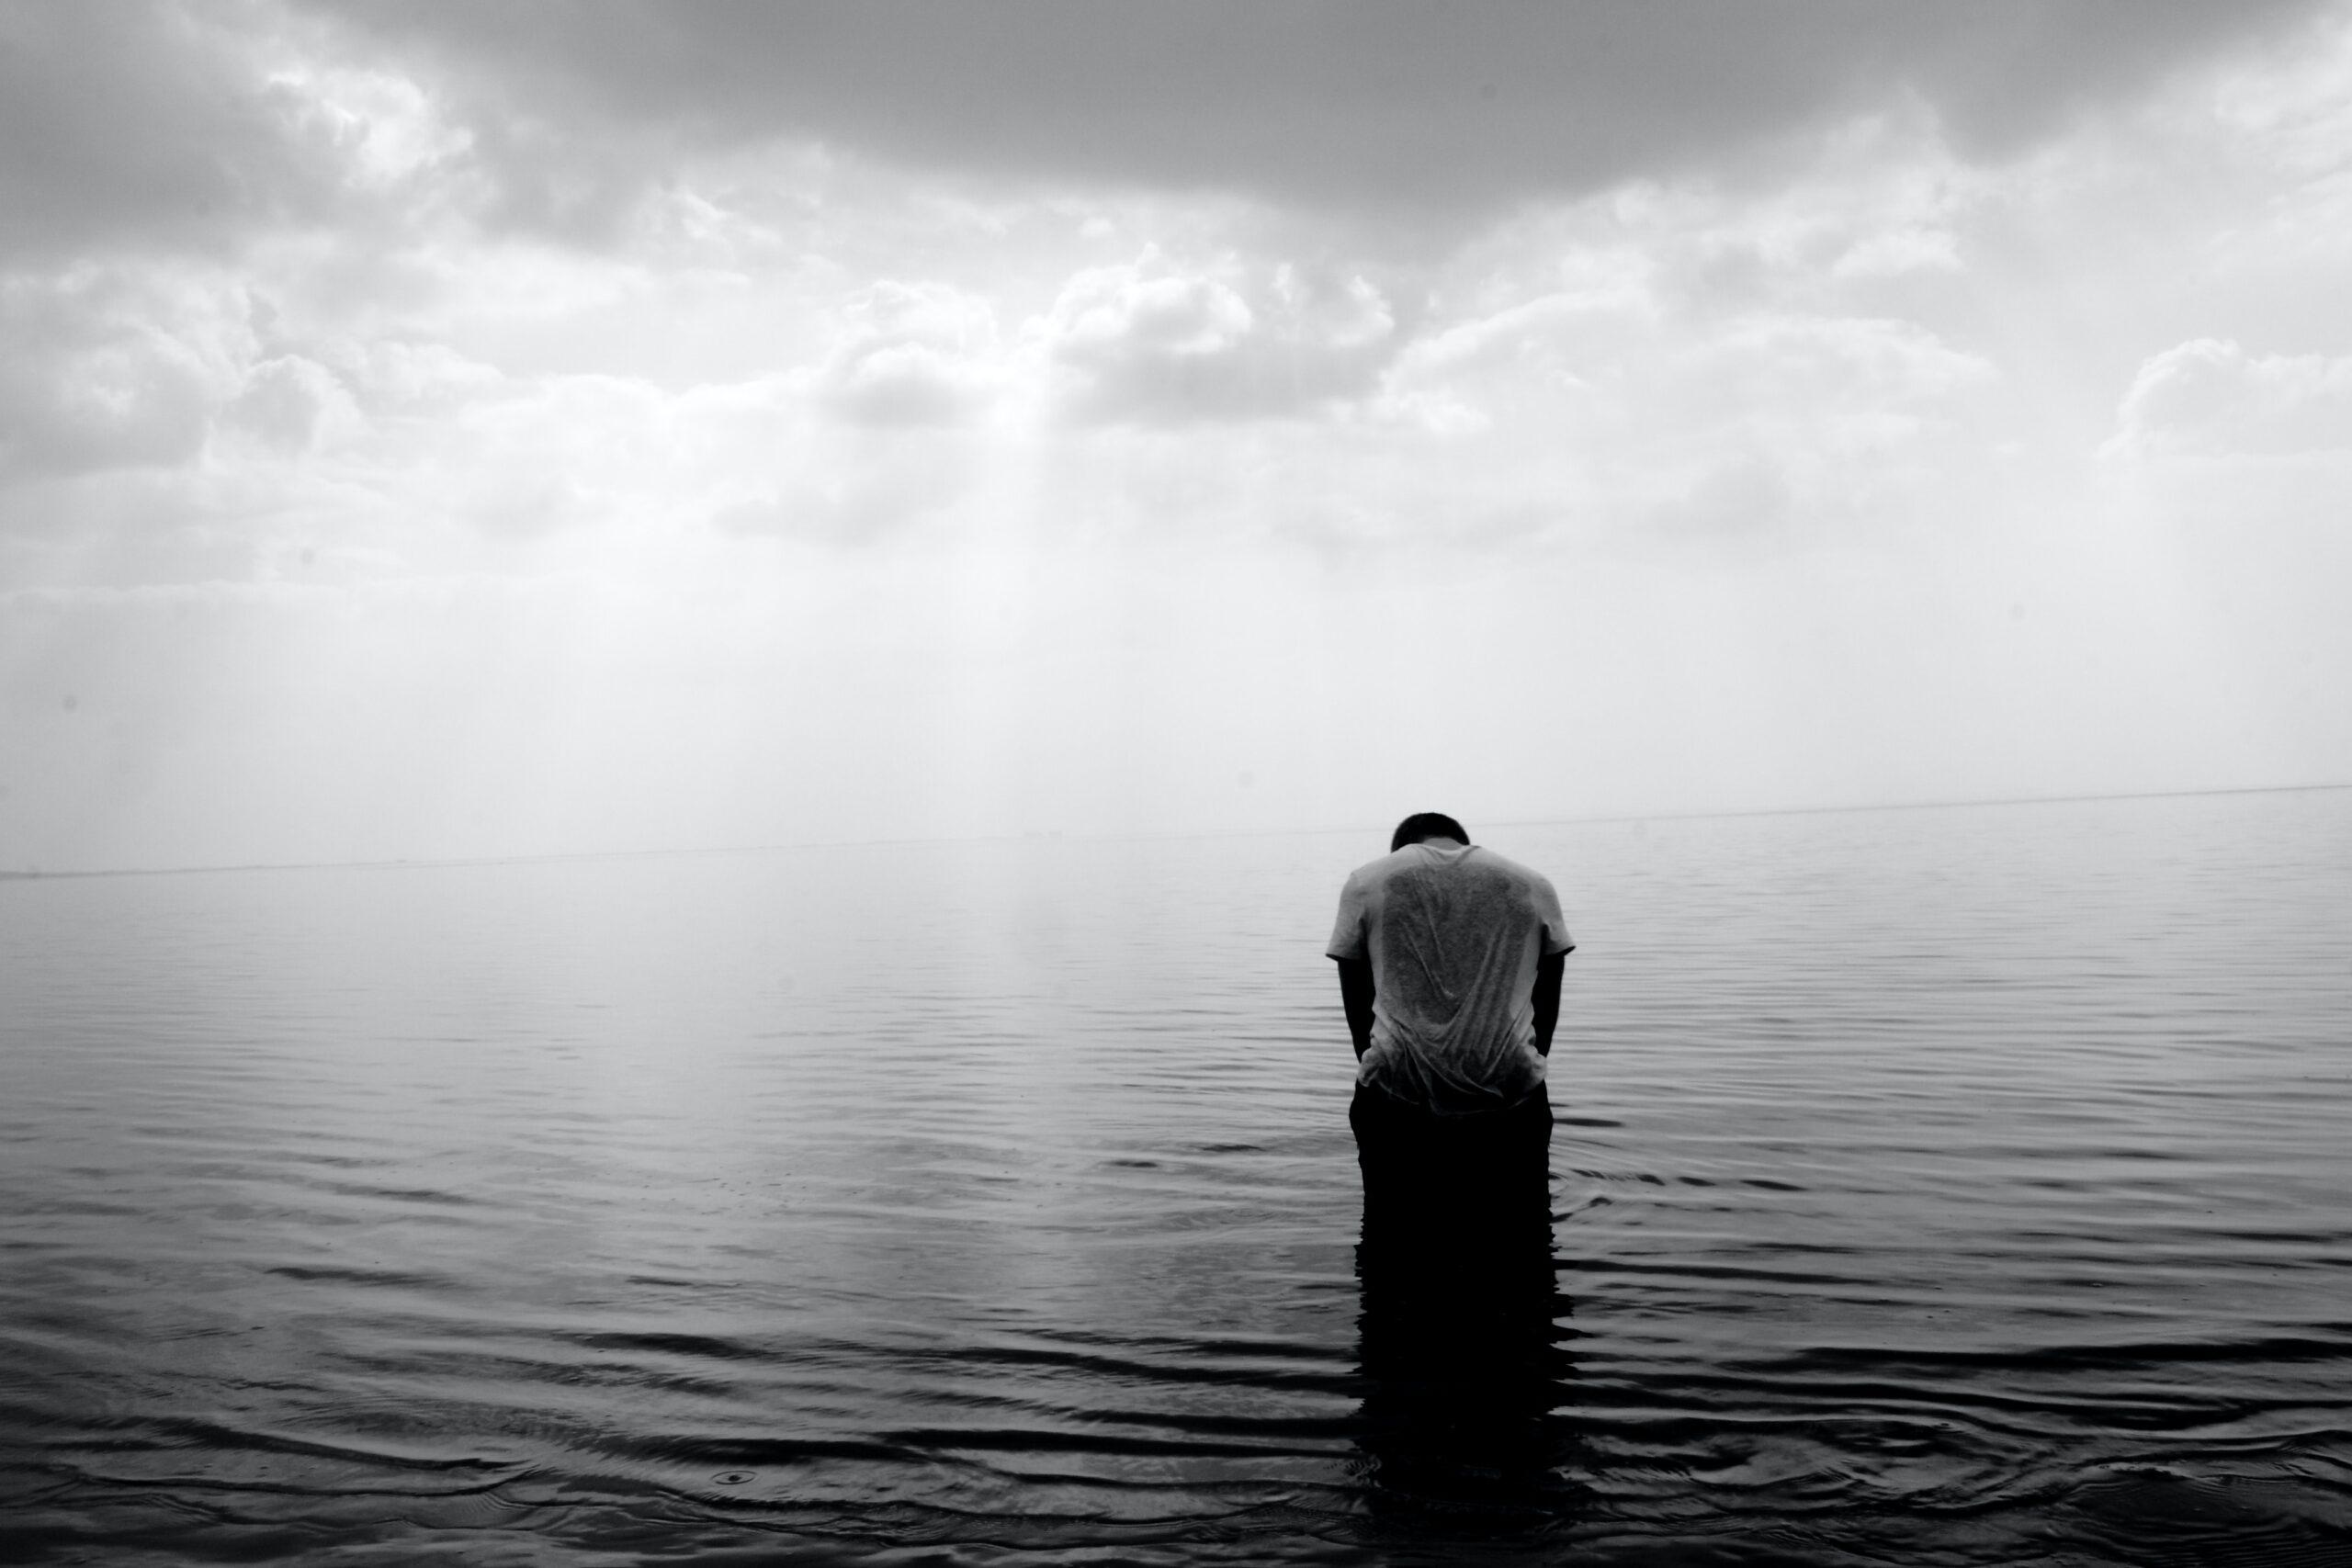 چرا آدمهای درمانده تلاشی برای نجات از درماندگی نمیکنن؟